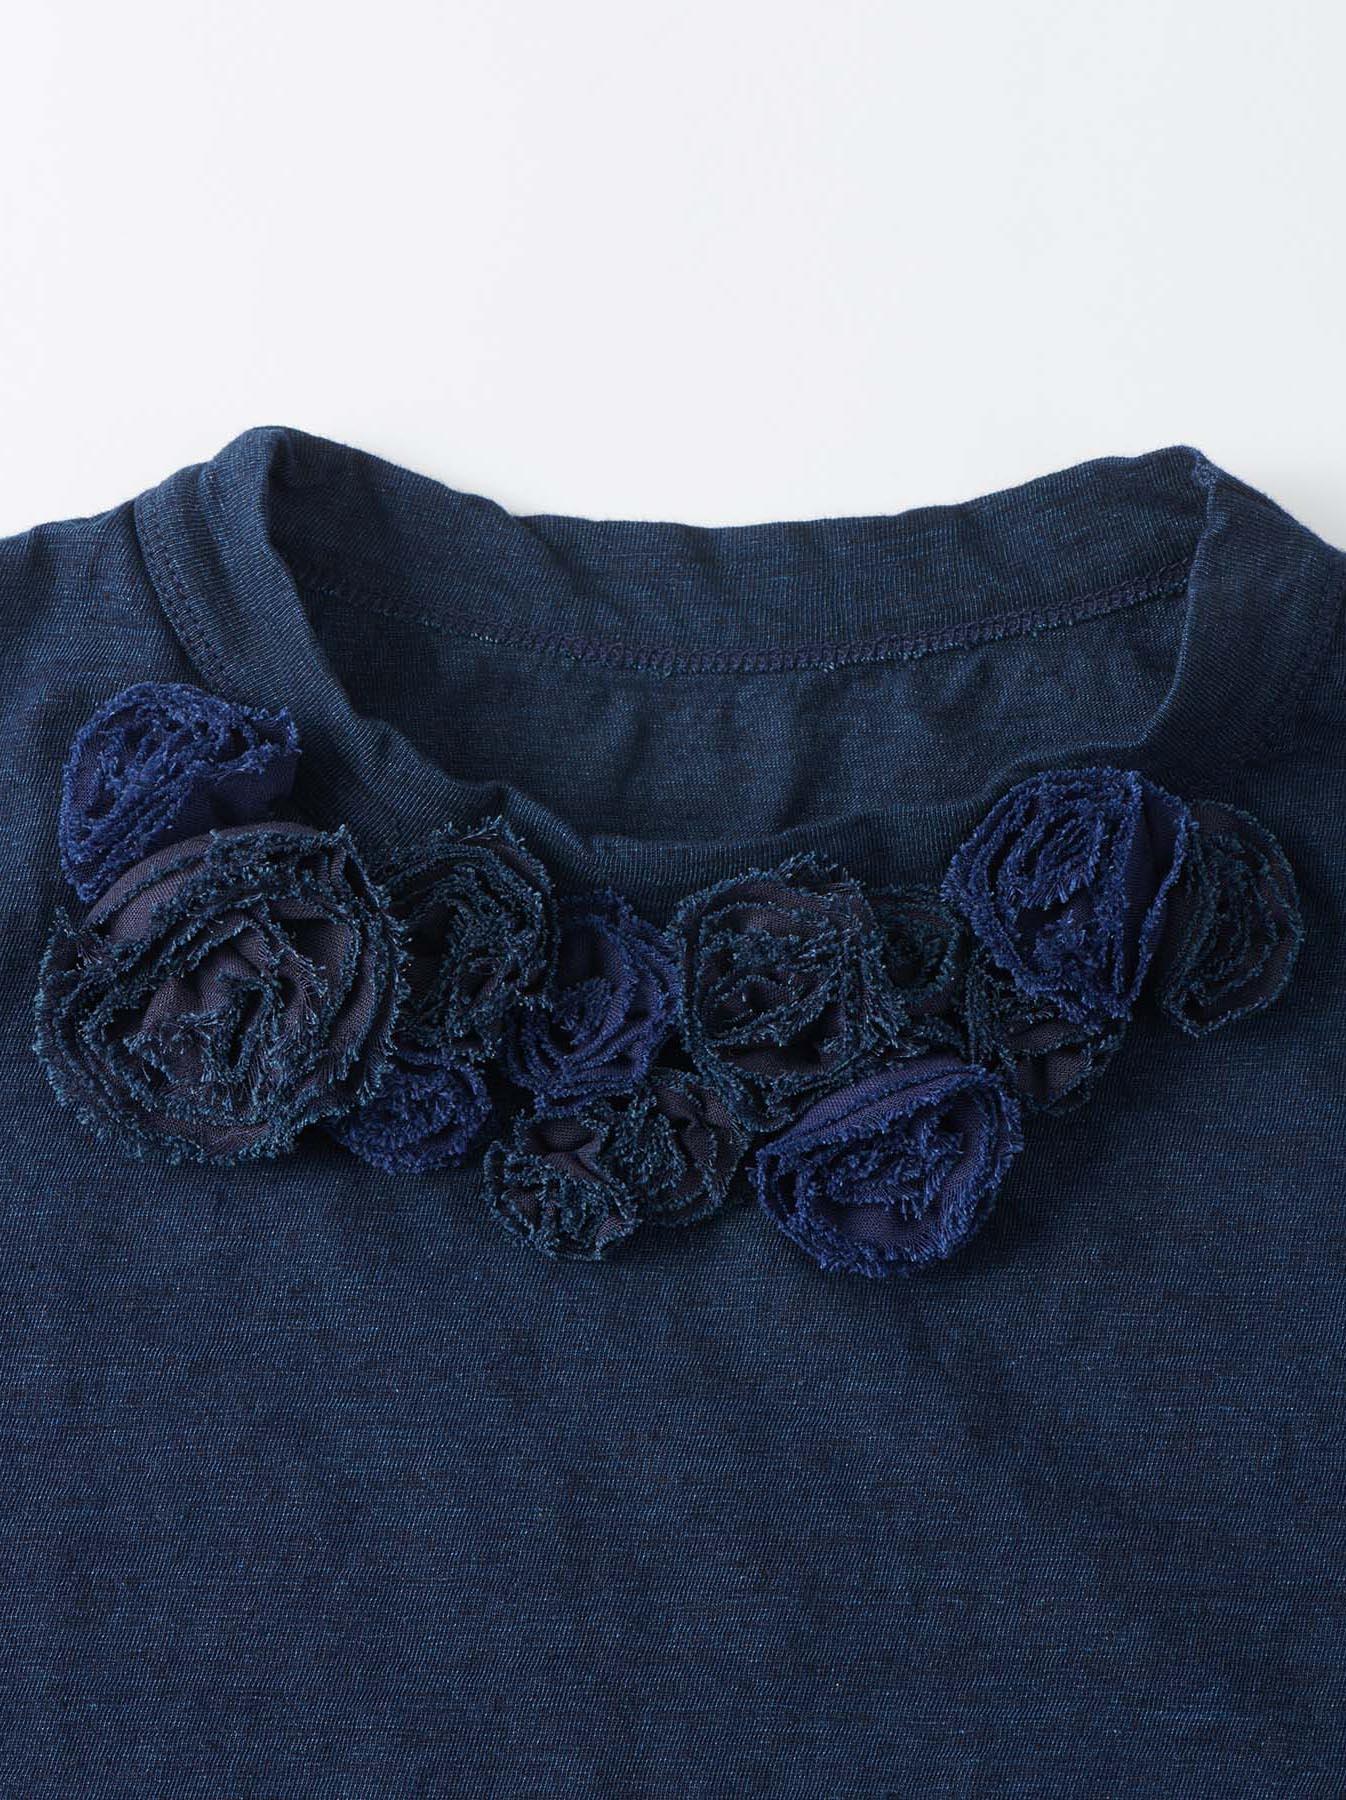 WH Indigo Corsage Flower 45 Star T-shirt-6